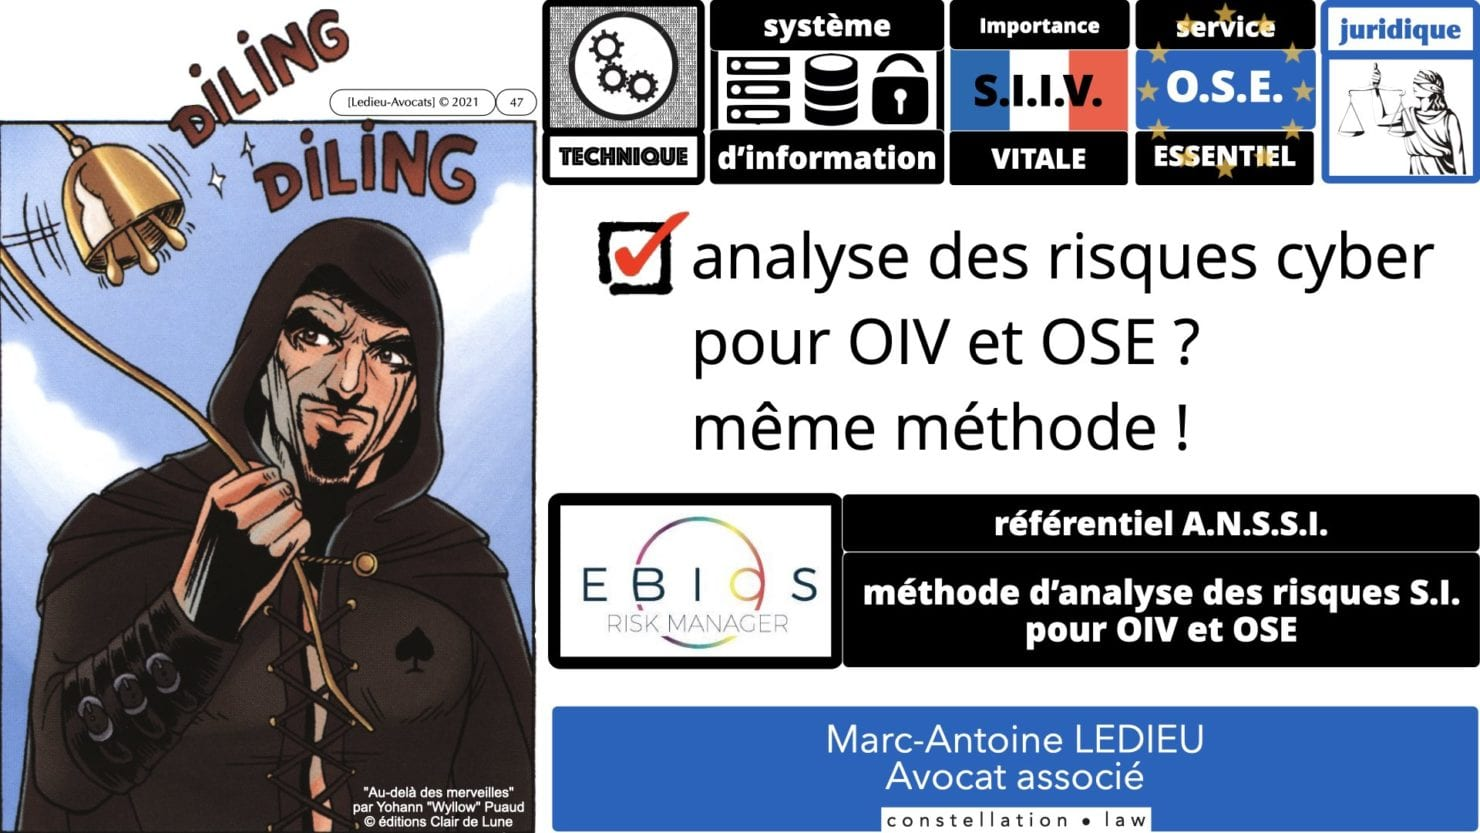 342 cyber sécurité #2 OIV OSE analyse risque EBIOS RM © Ledieu-avocat 15-07-2021.047